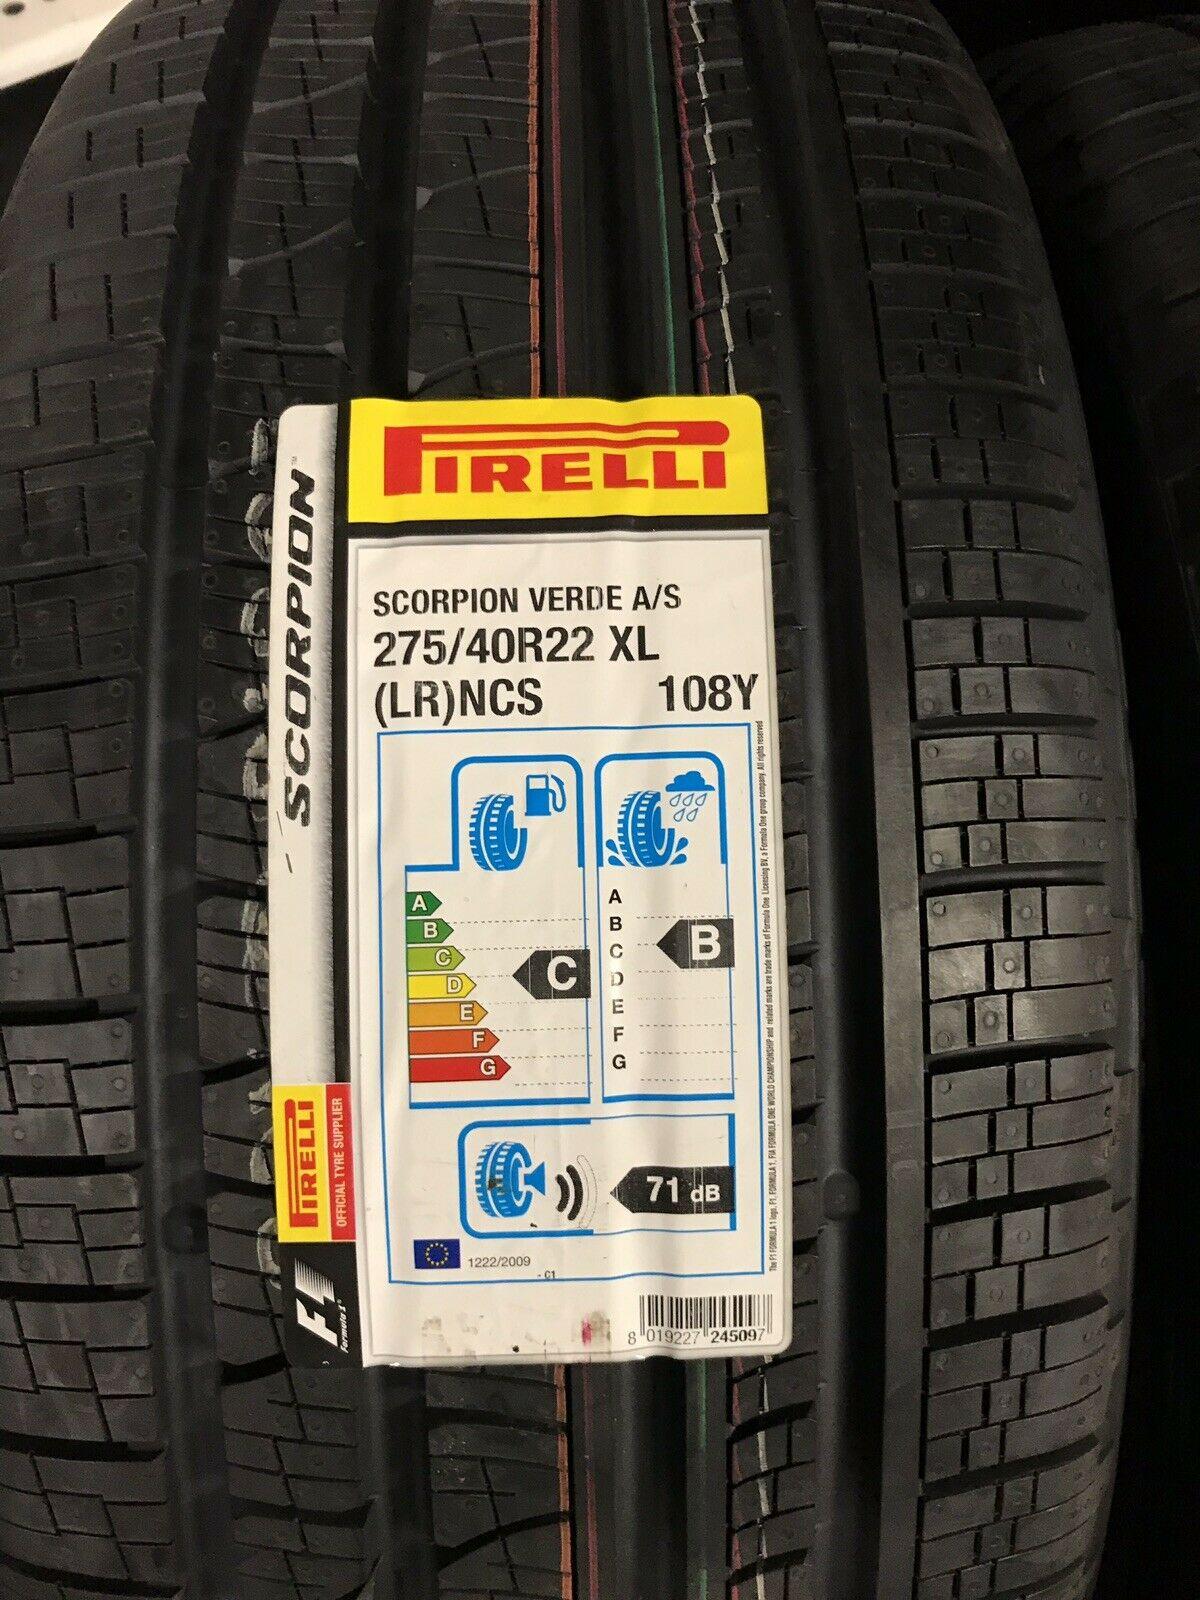 2eded pirelli teker satilir tezedi isdenmeyib